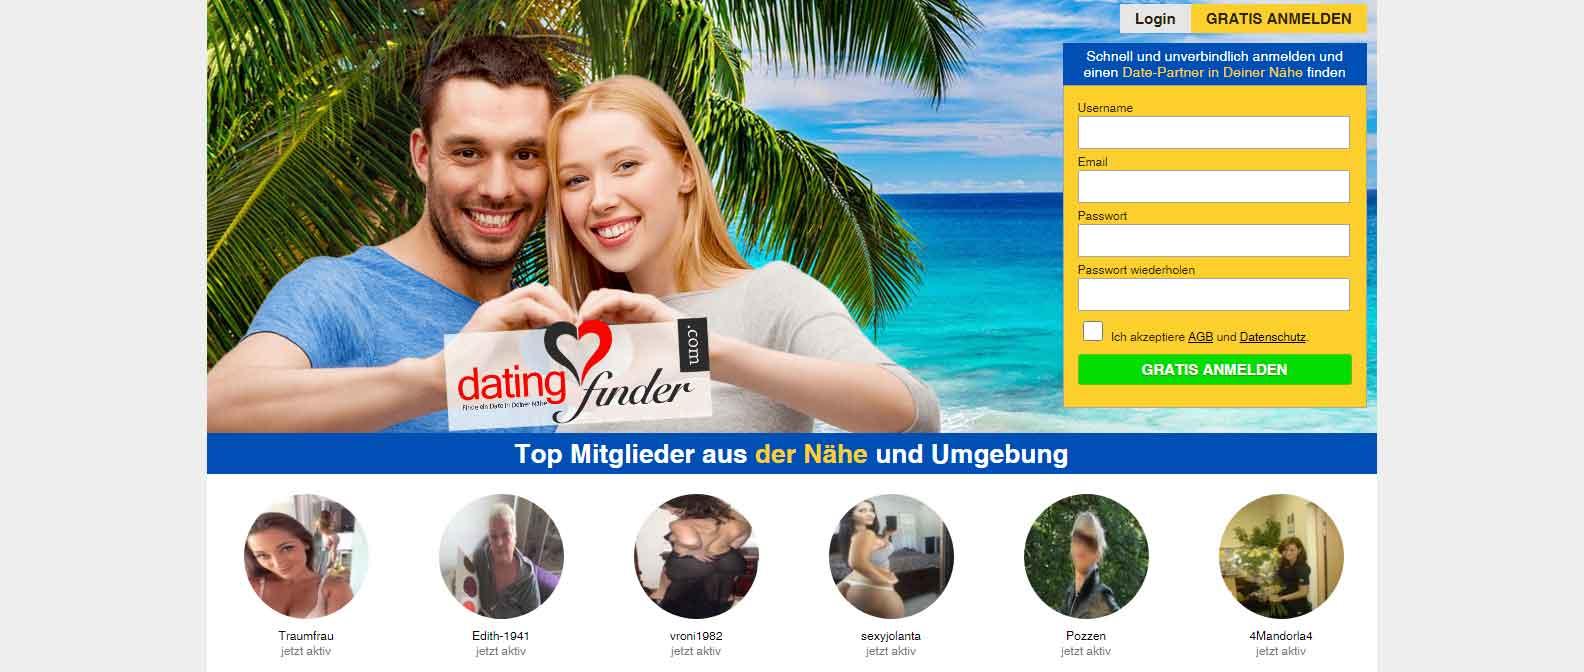 Beliebte website für über 60 dating